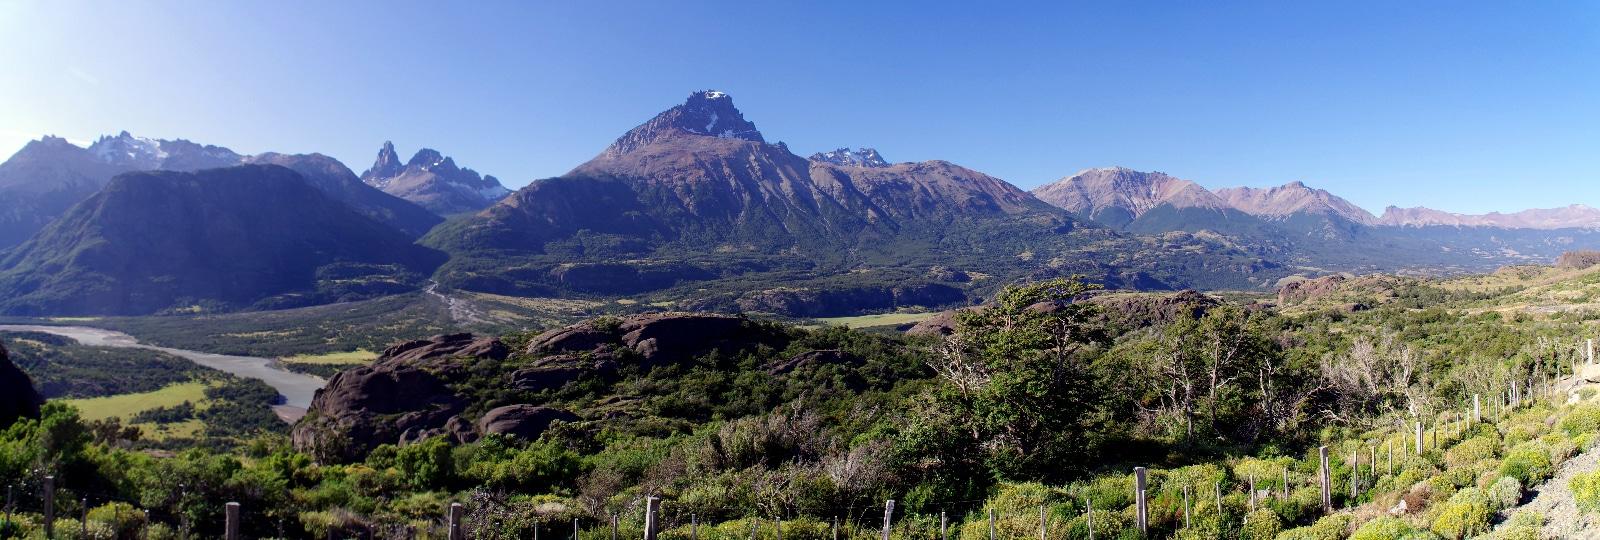 Parc National Cerro Castillo.